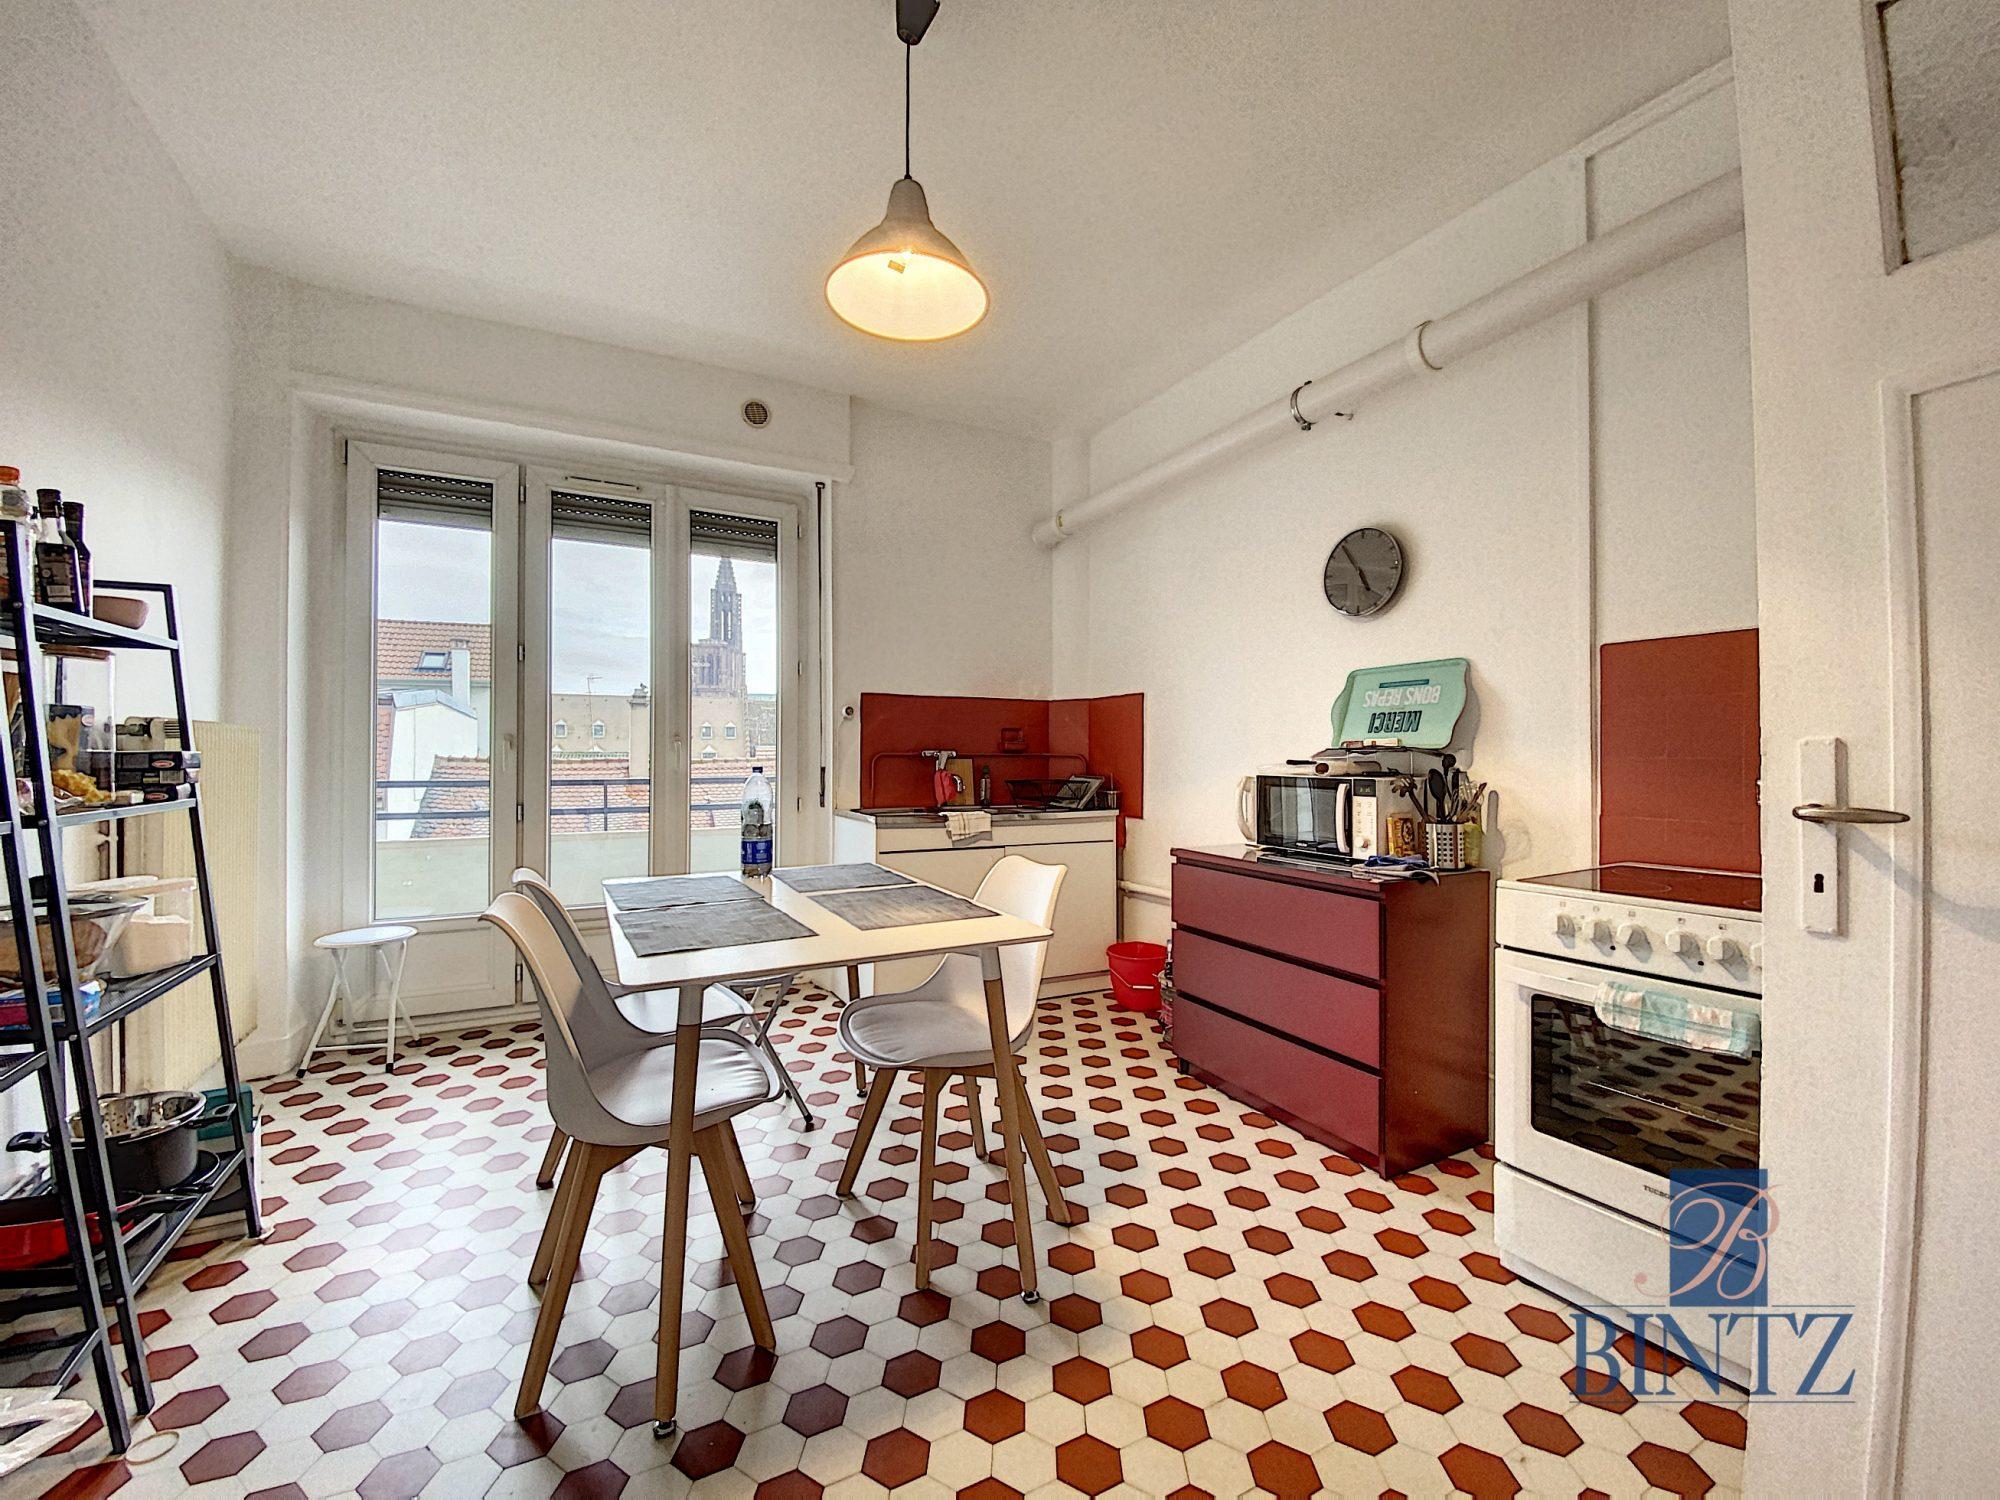 GRAND 1 PIÈCE KRUTENEAU - Devenez locataire en toute sérénité - Bintz Immobilier - 4